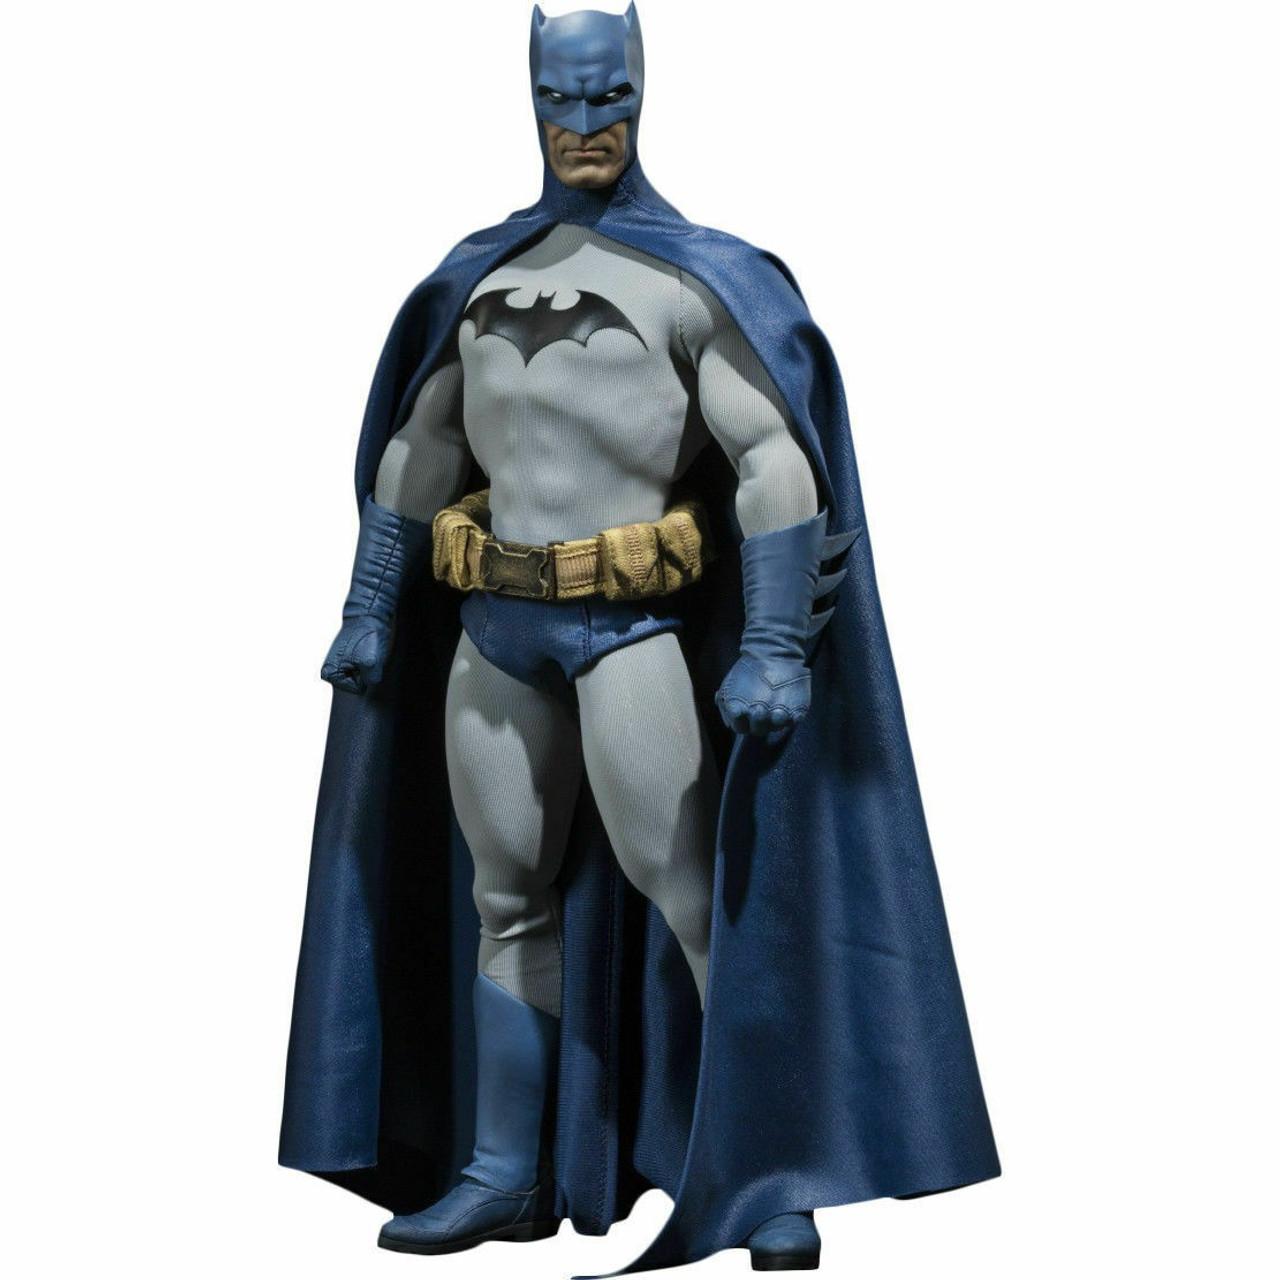 DC Batman Collectible Figure